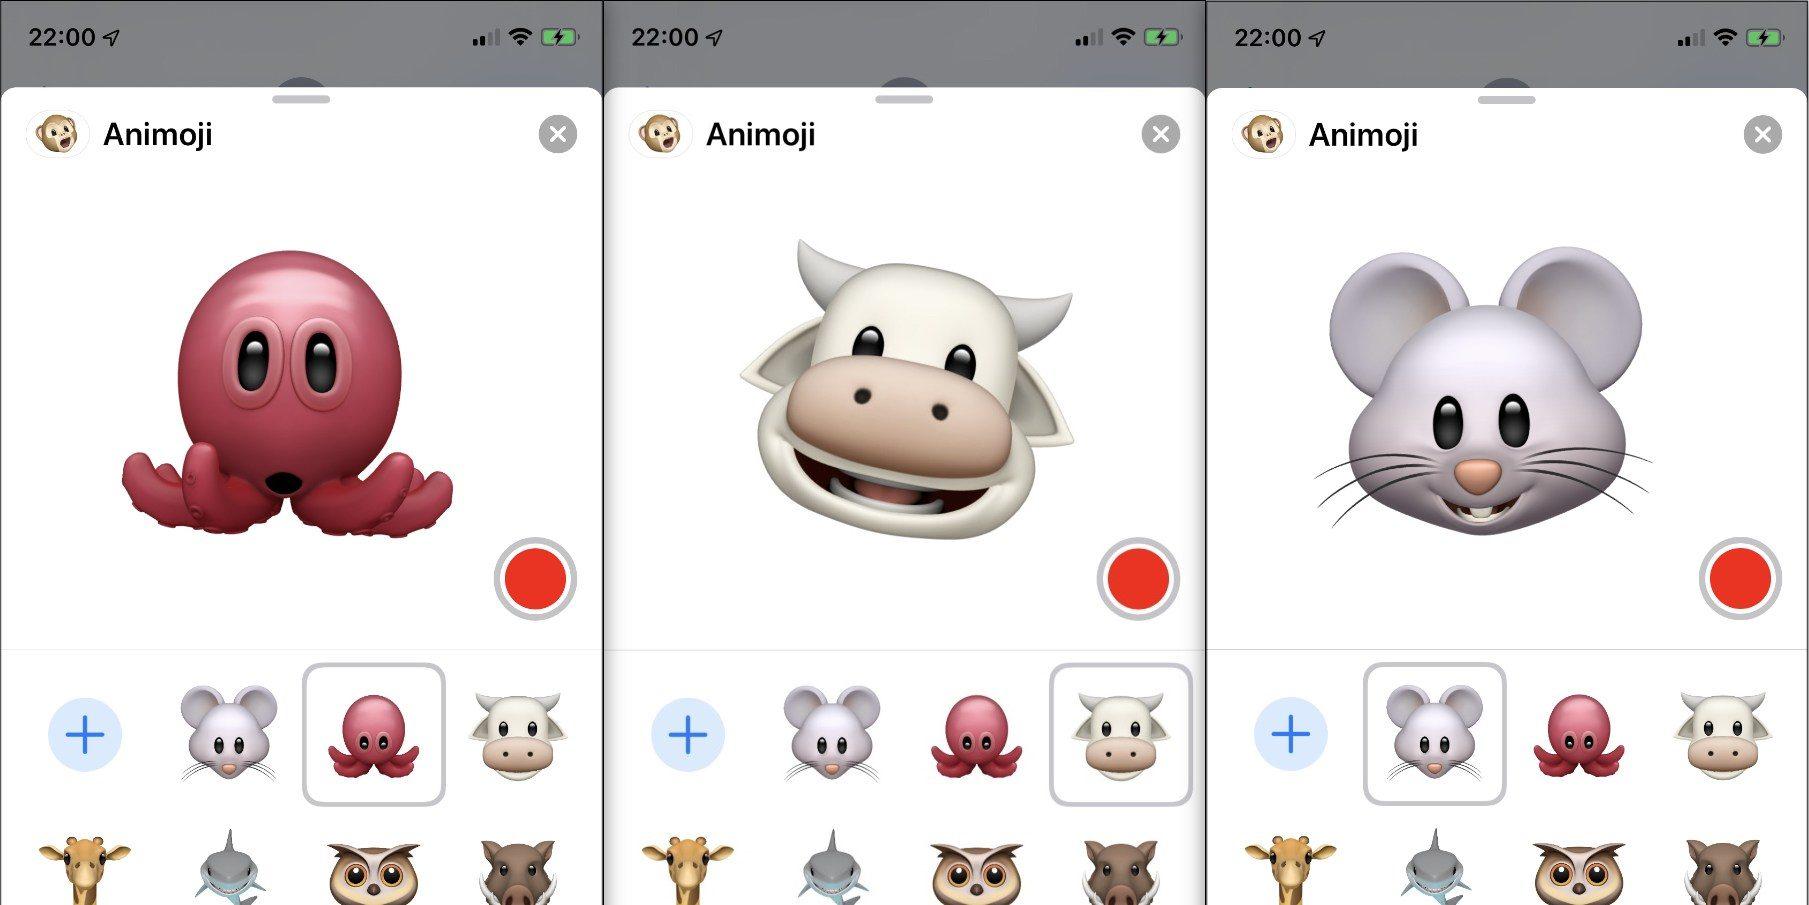 Animoji and Memoji Stickers - نظام تشغيل iOS 13 الجديد من آبل يحتوي على ثلاثة رموز Animoji جديدة مميزة